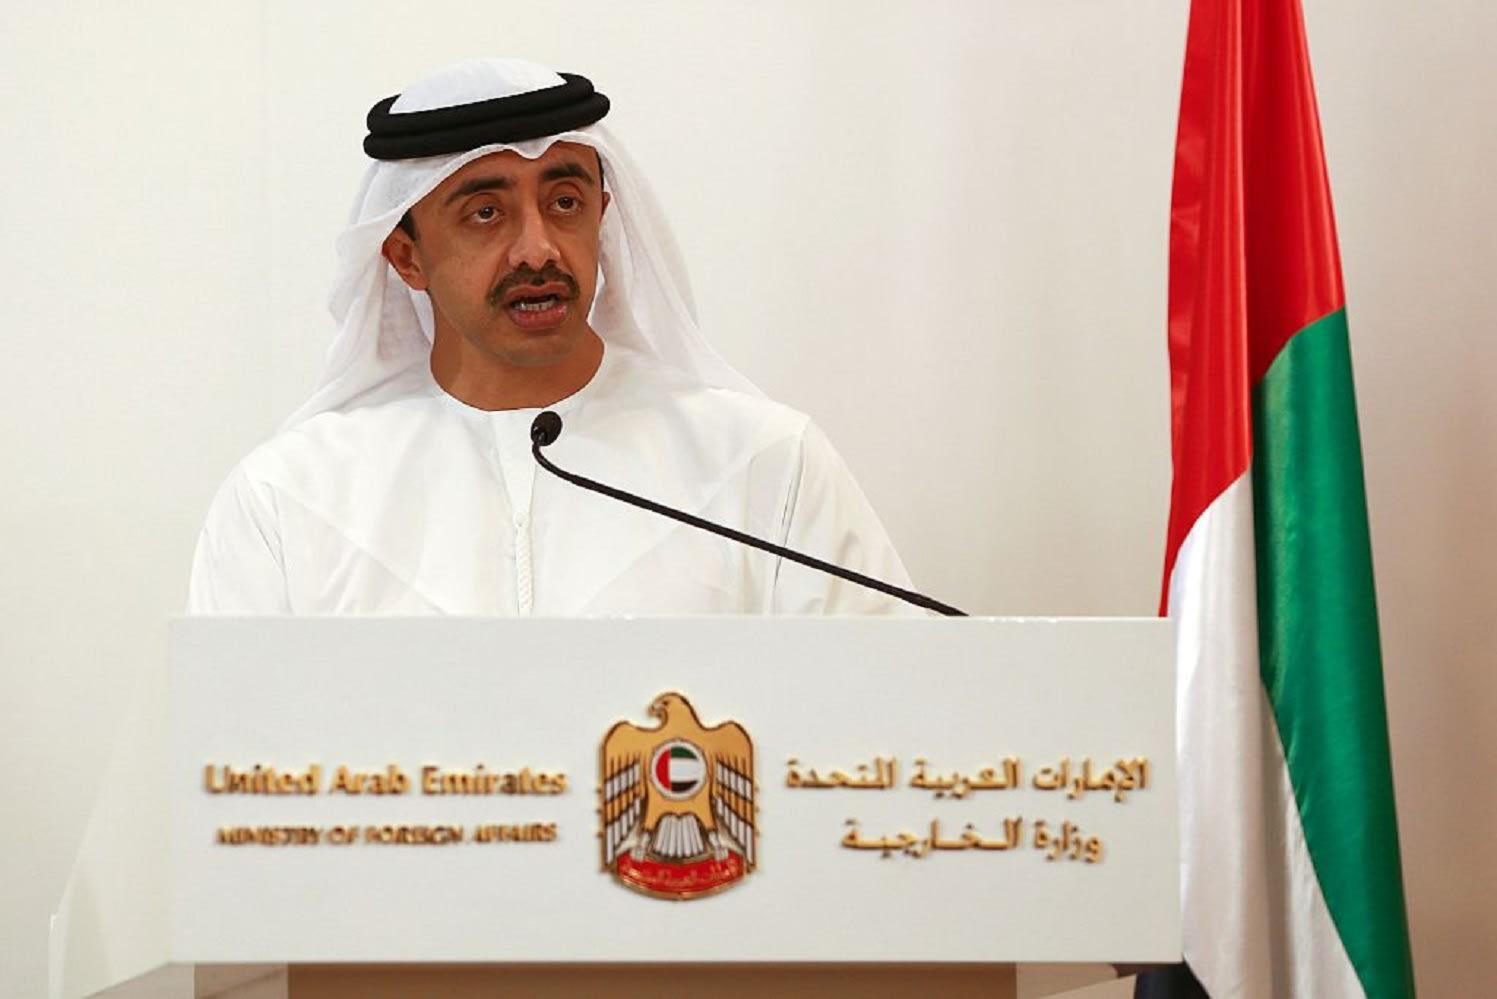 """الإمارات تشيد بـ""""قرارات"""" الملك سلمان بشأن قضية خاشقجي: تؤكد تطبيق العدالة"""